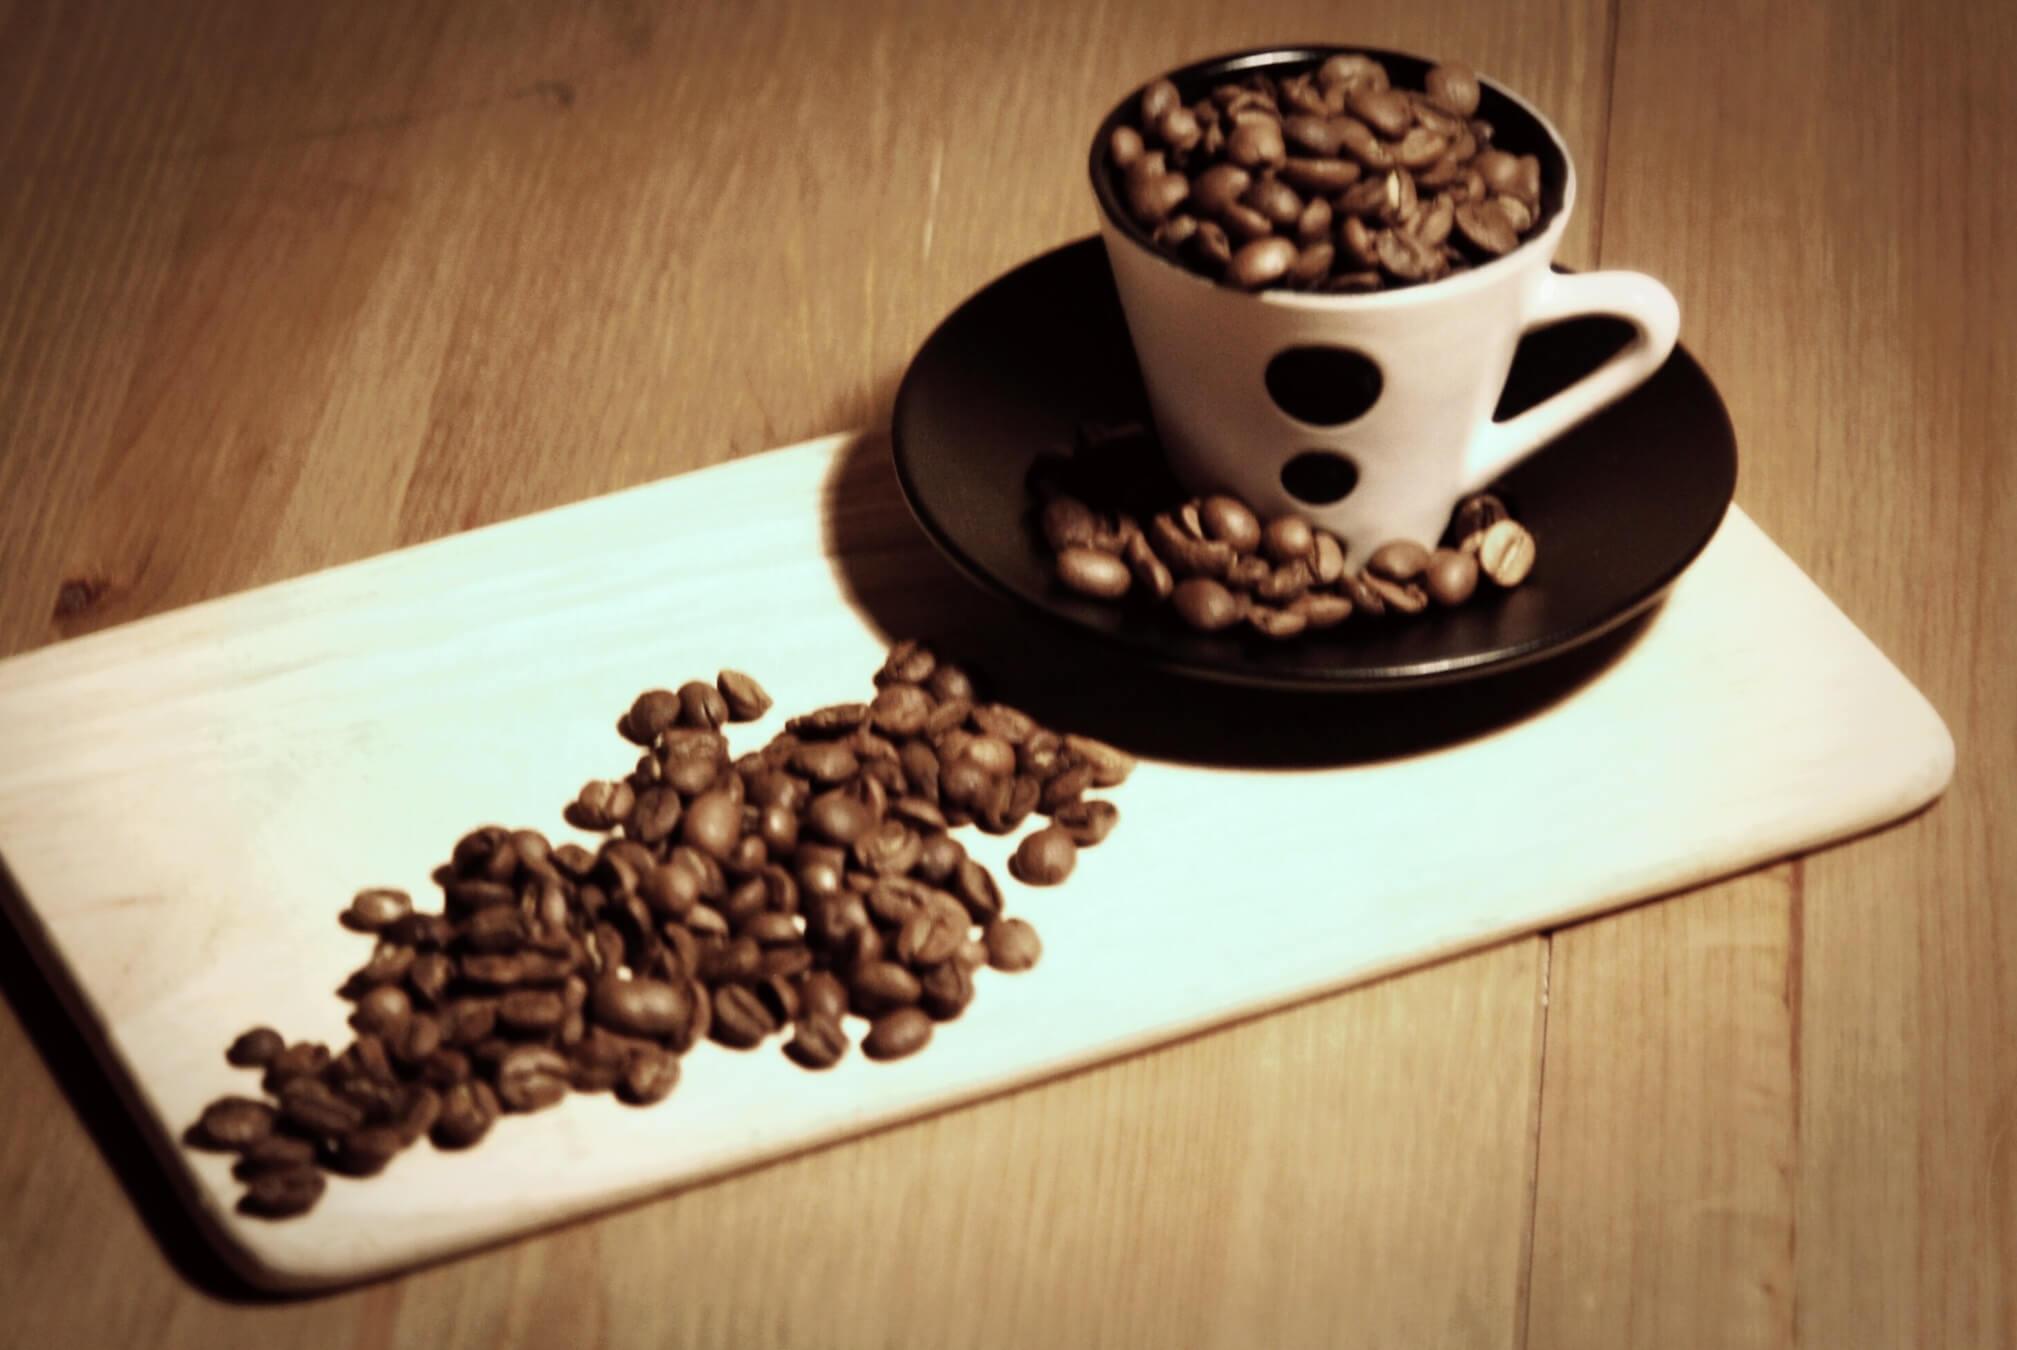 Τo απίστευτο κόλπο ιδιοκτήτη καφέ για να πείσει τους πελάτες του να είναι ευγενικοί